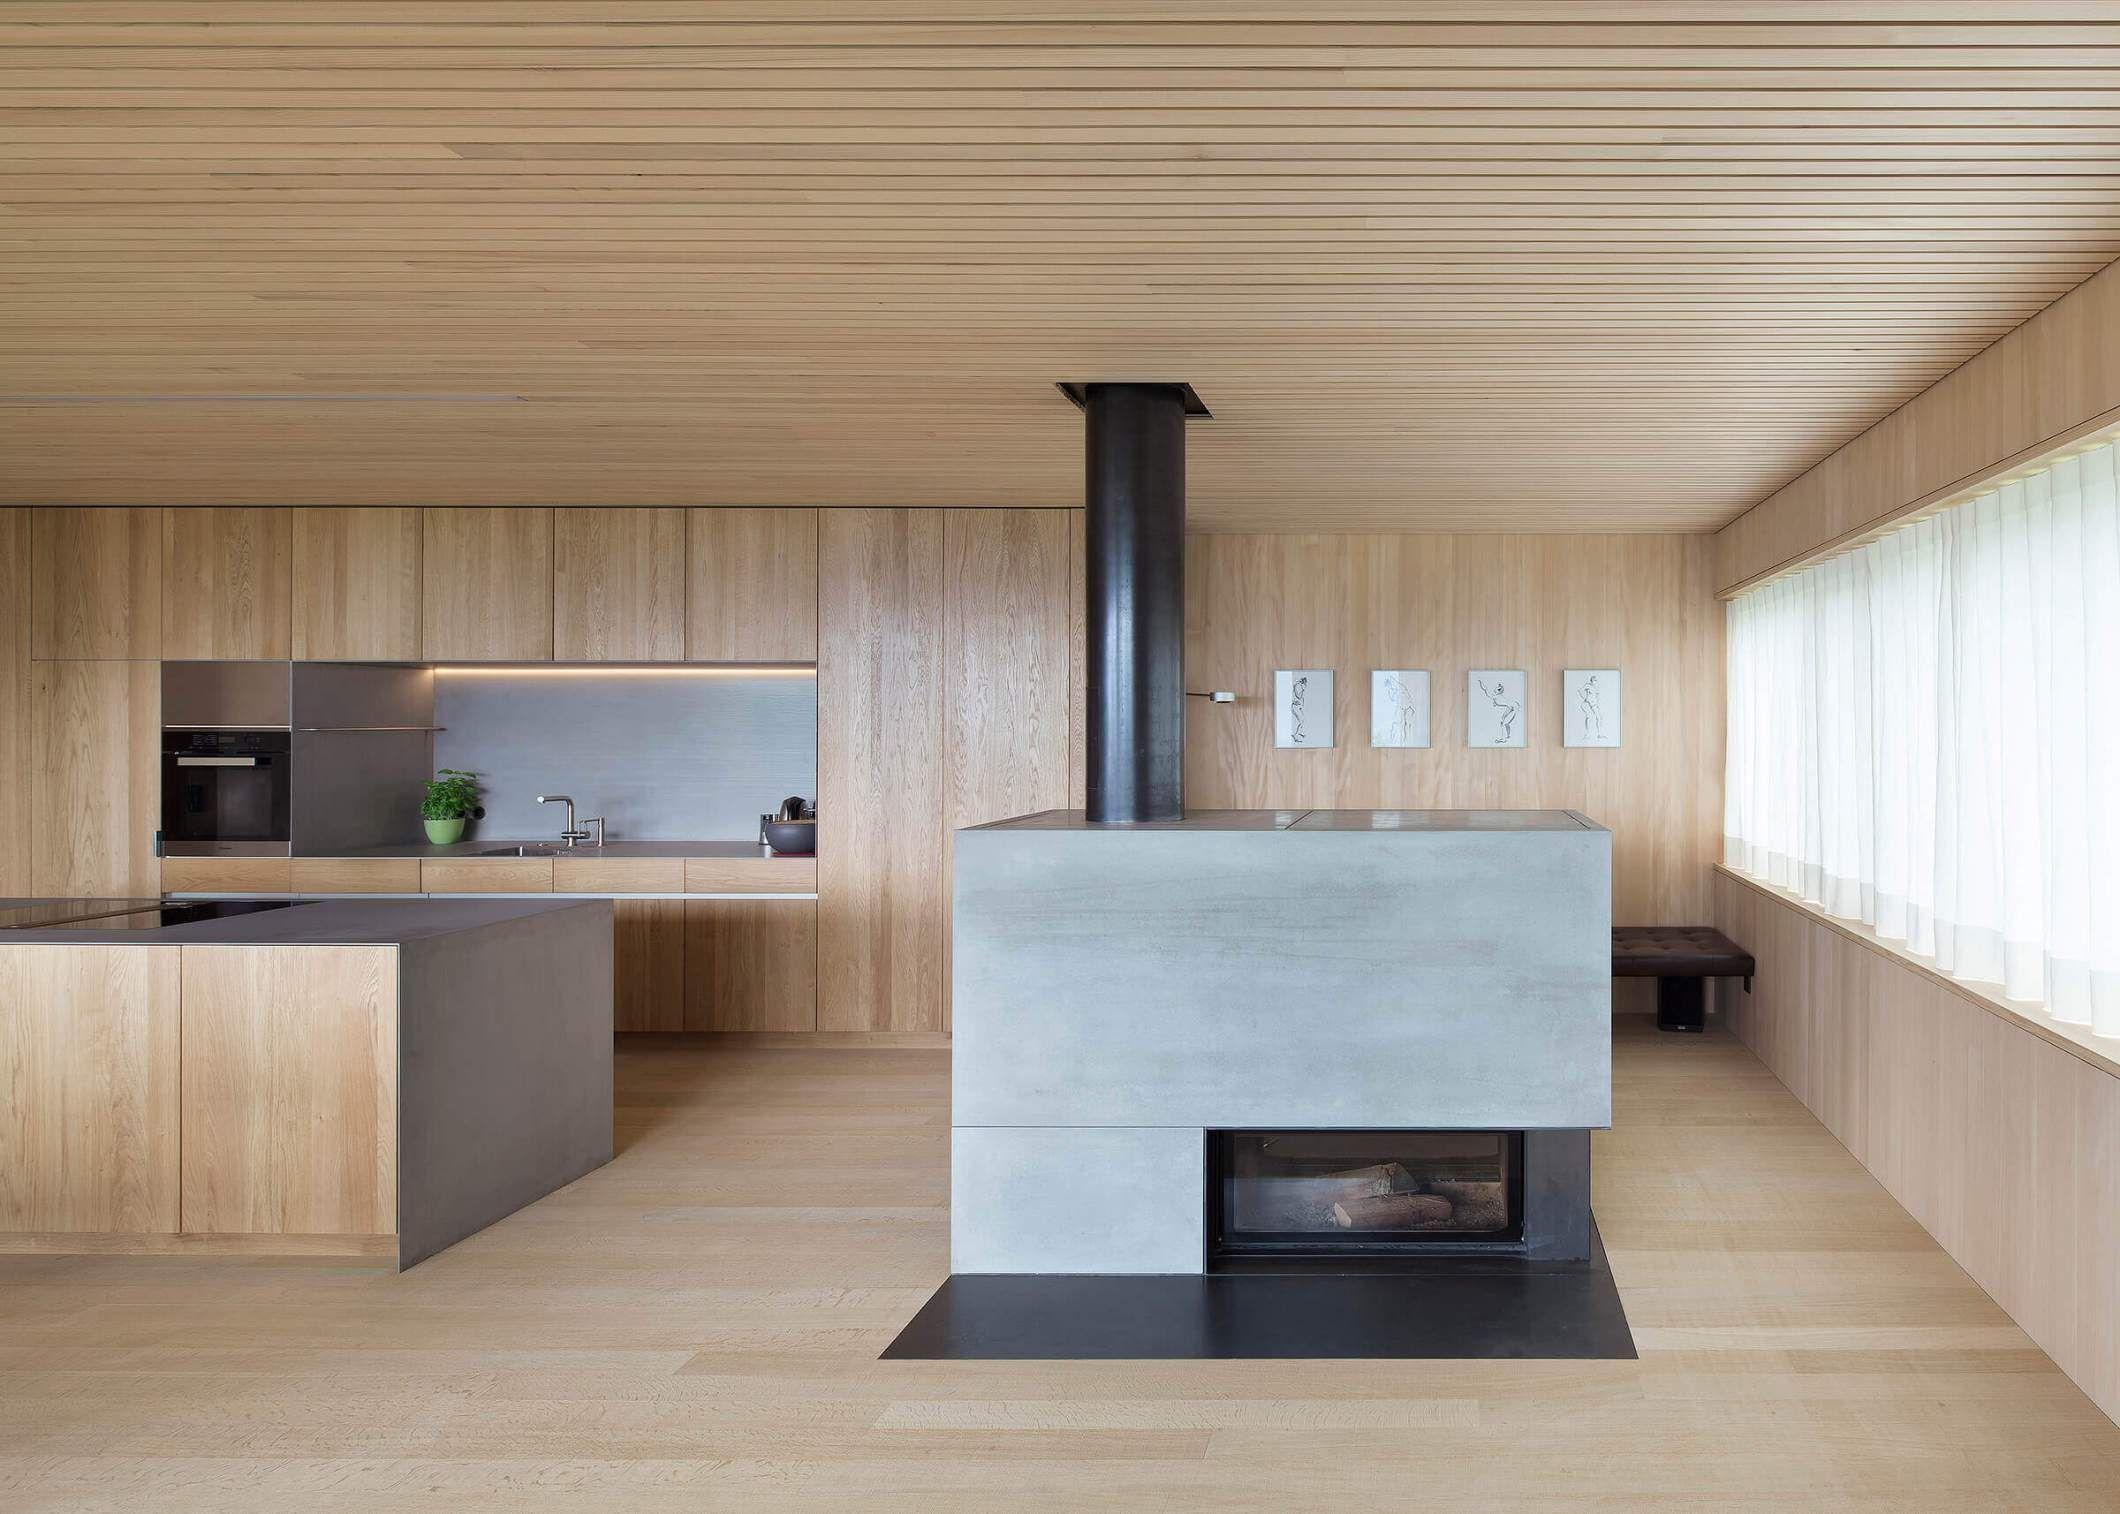 Schlichte Holz-Küche mit Kochinsel in modernem Design | Kitchens